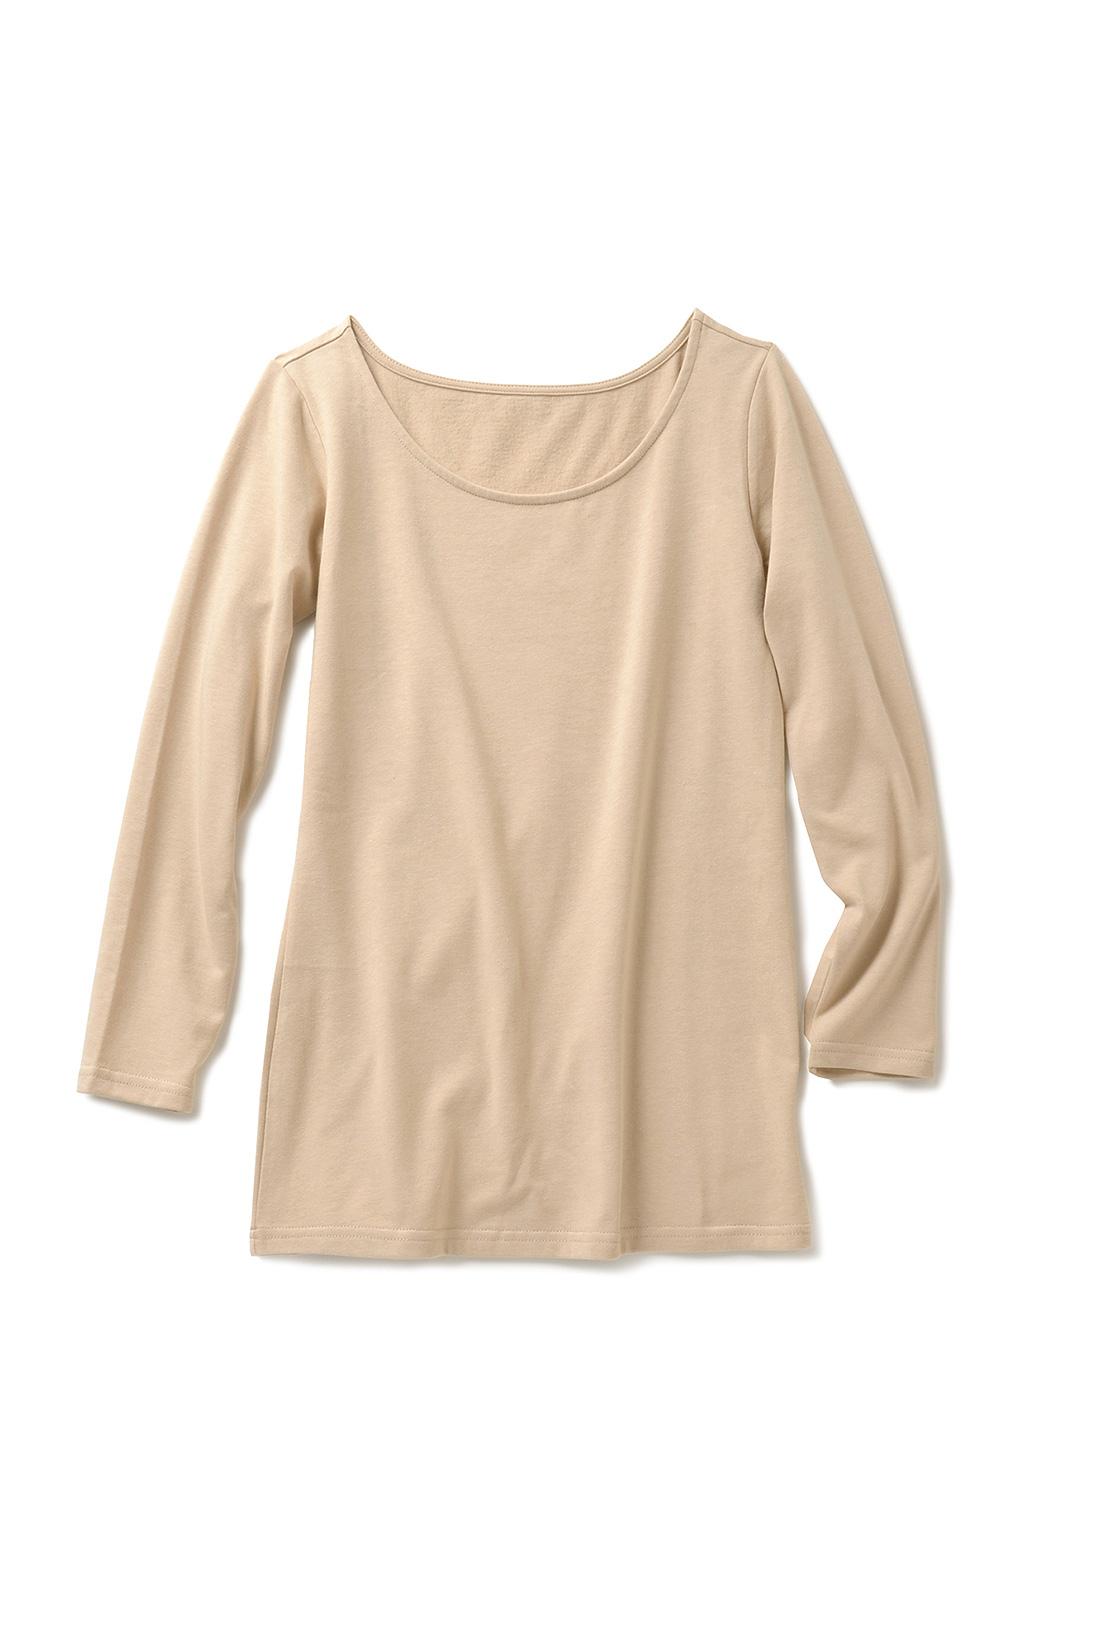 安心の長め丈で、腰やおしりまわりを冷やさない、女性にやさしいデザインです。